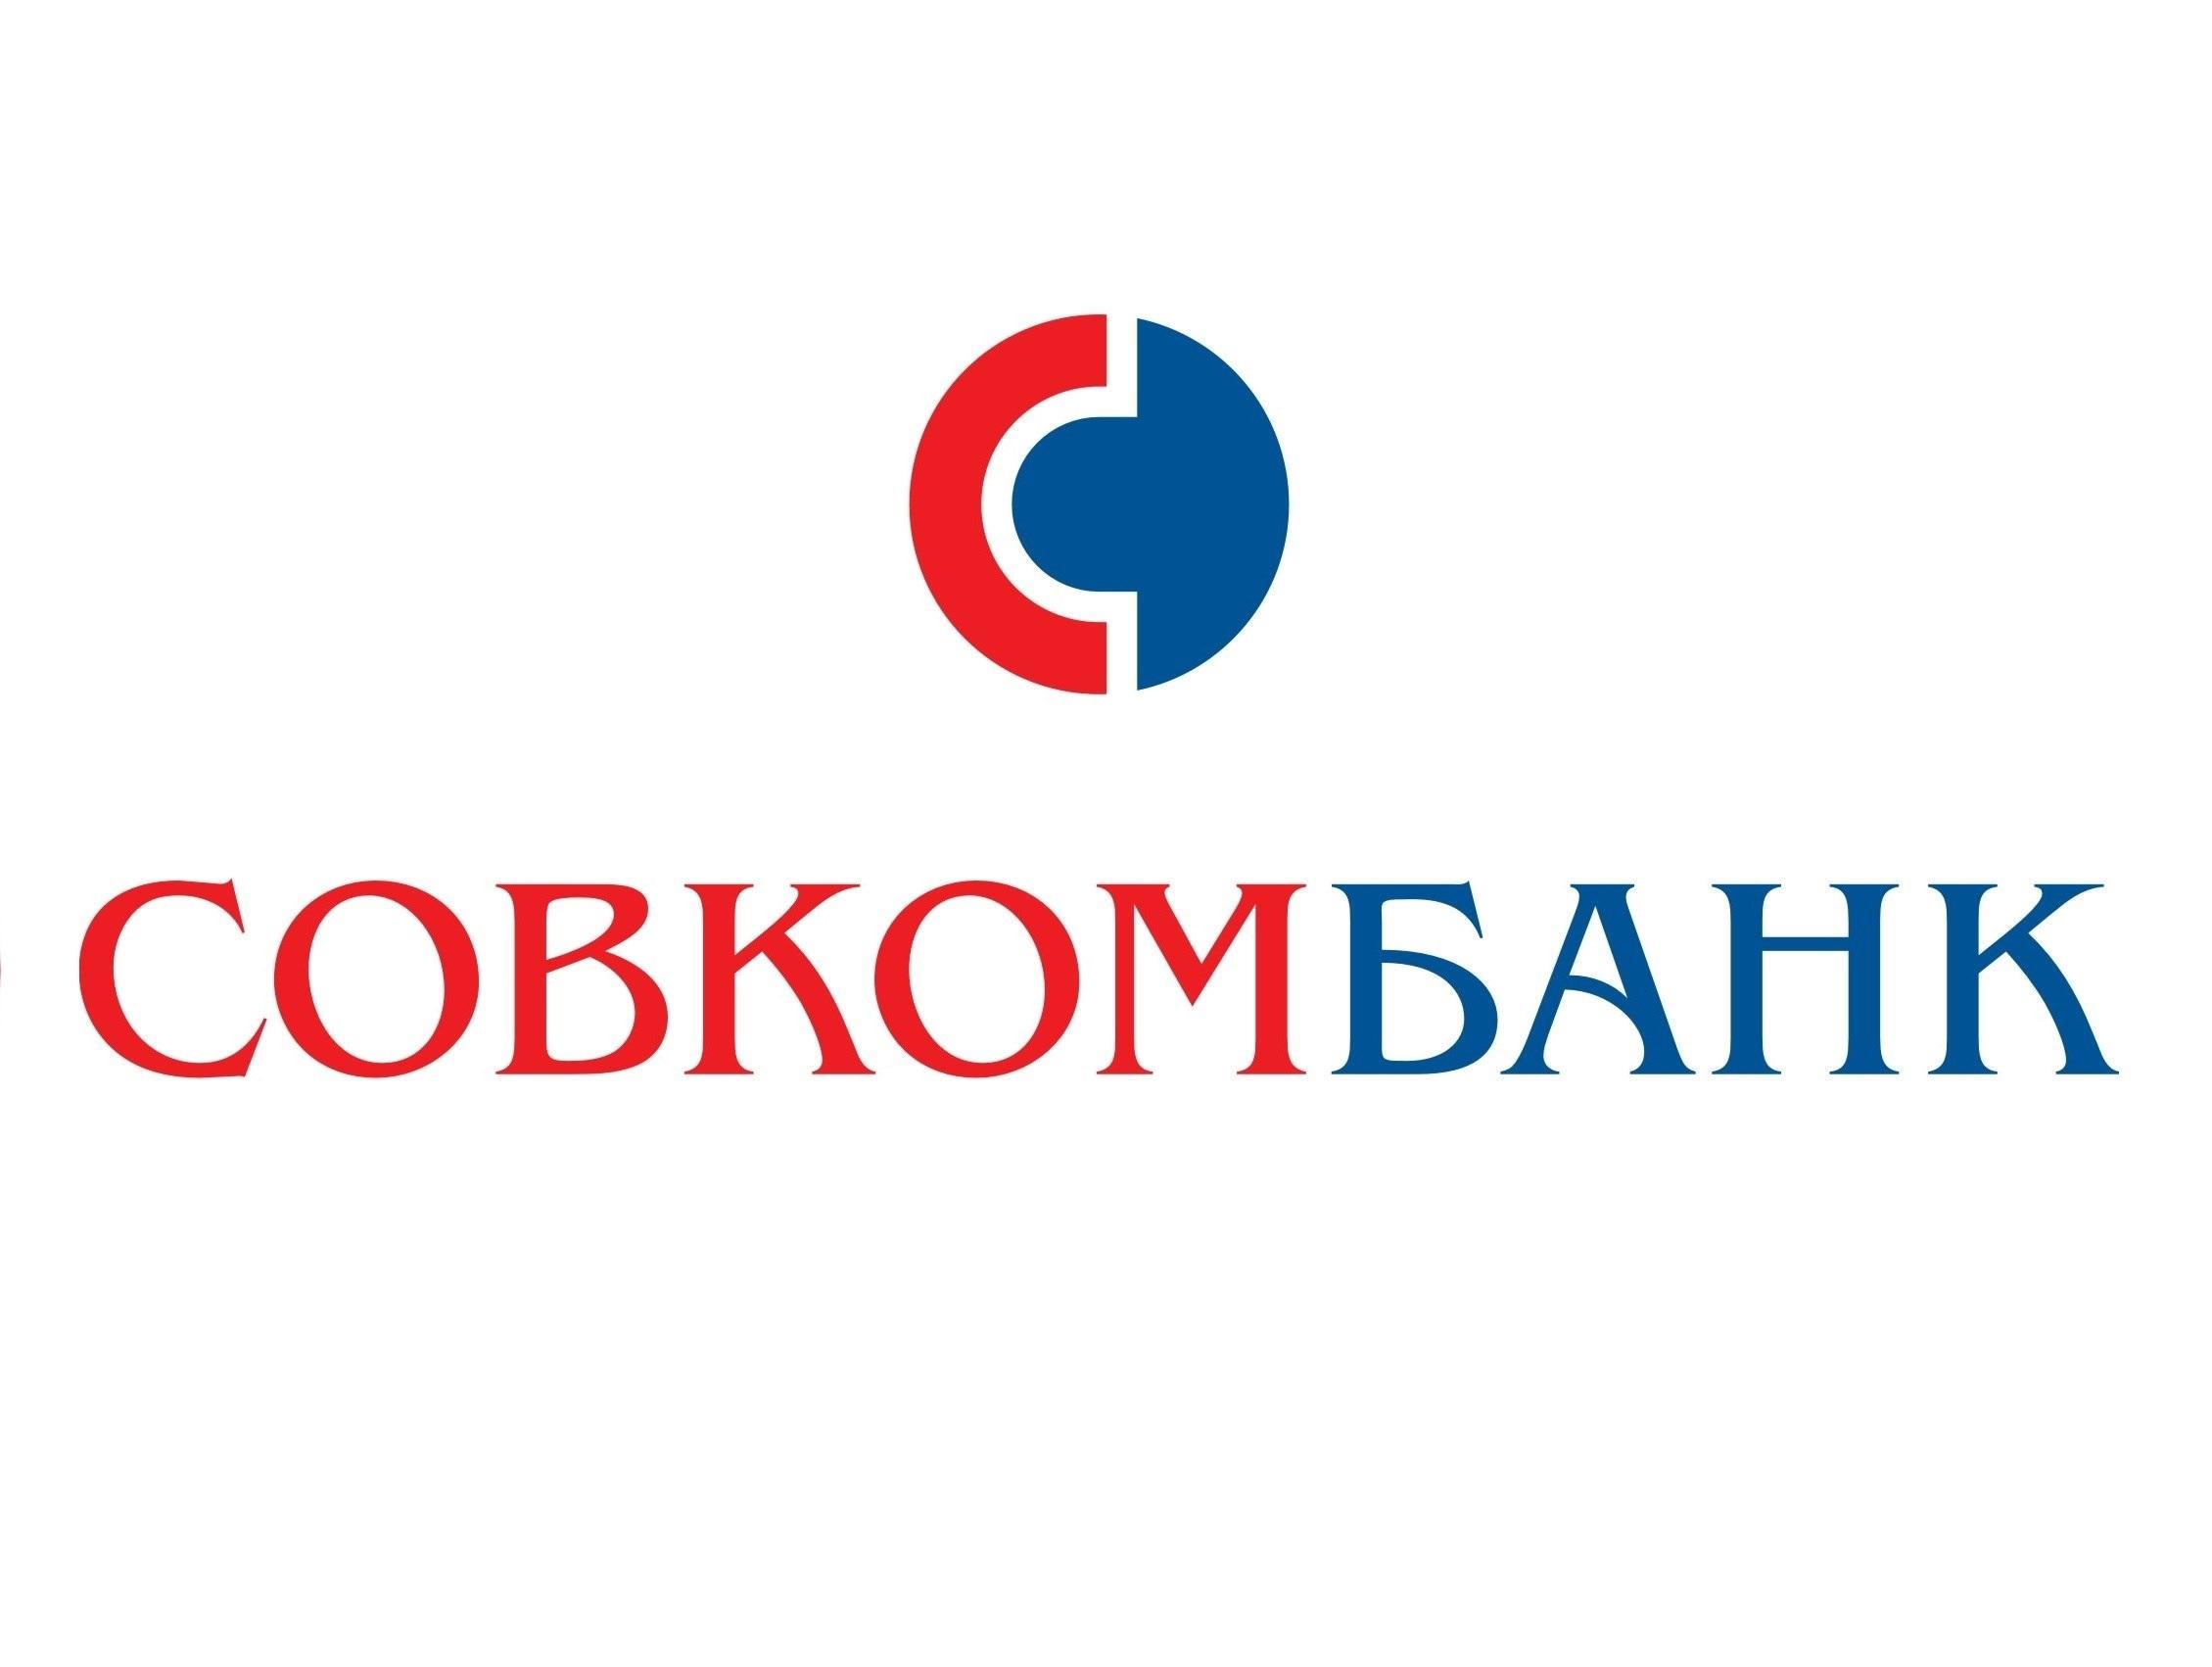 Регистрация личного кабинета в Совкомбанке